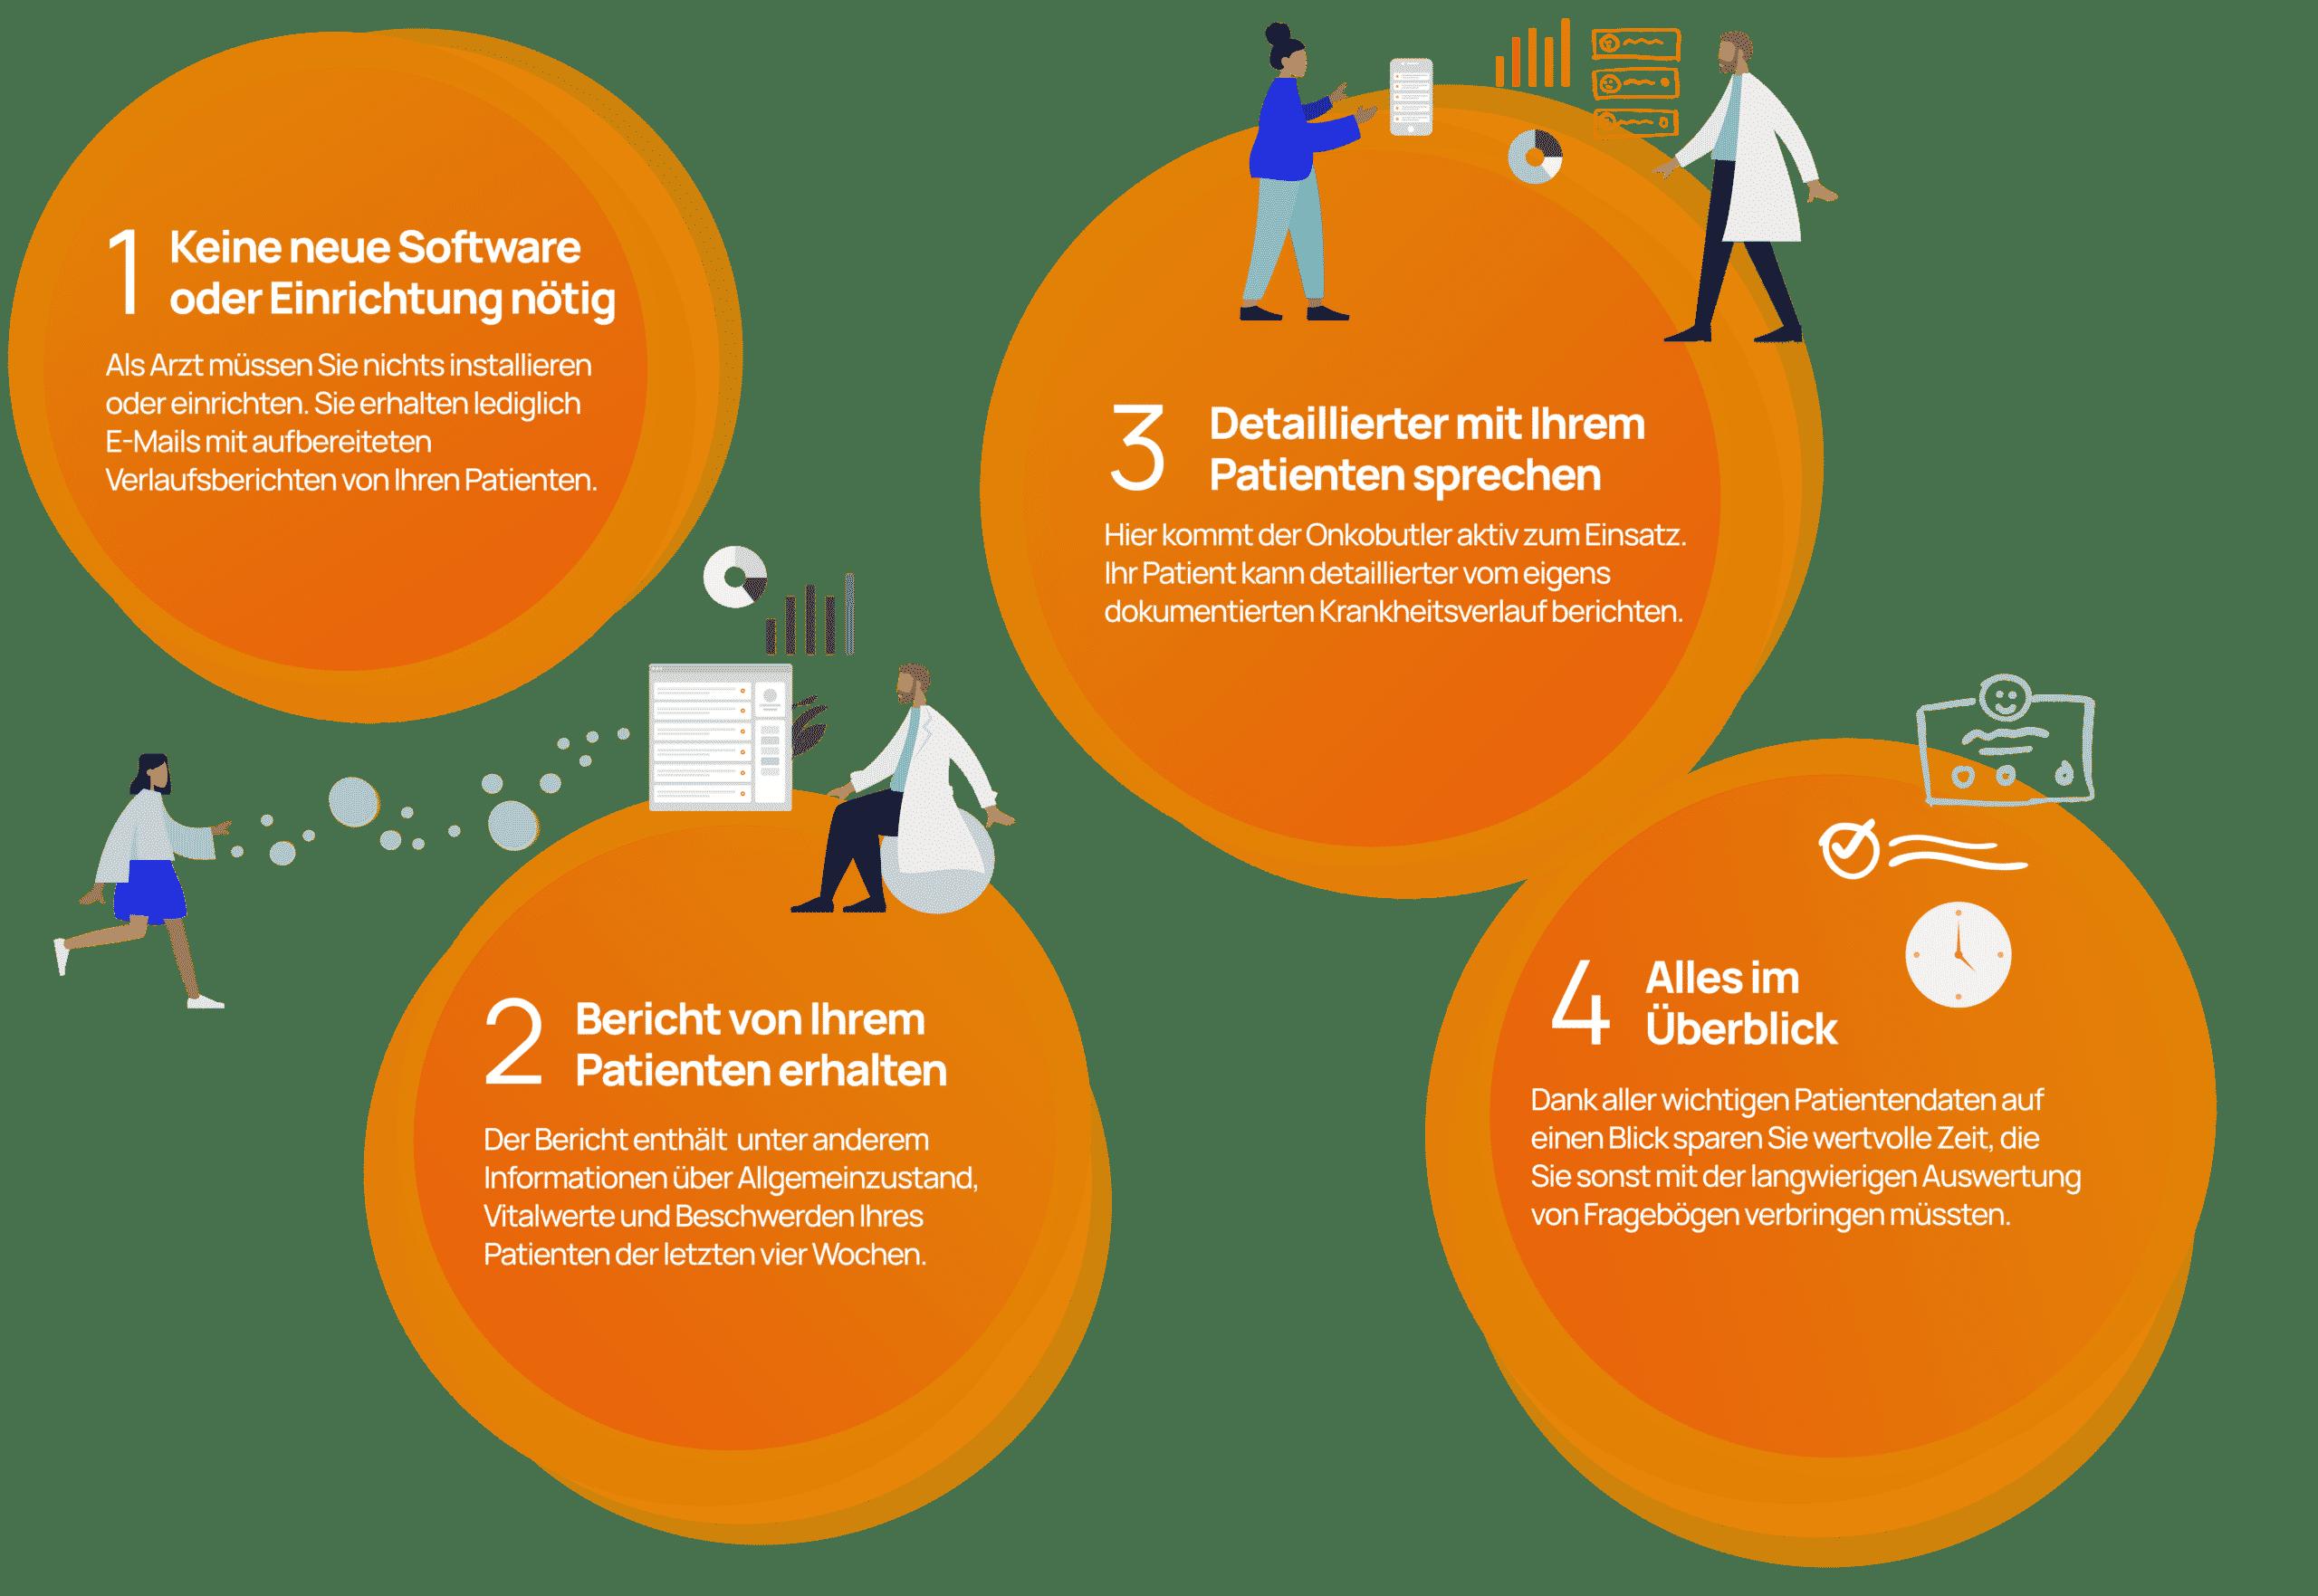 Infografik zeigt die Vorteile des Onkobutlers.